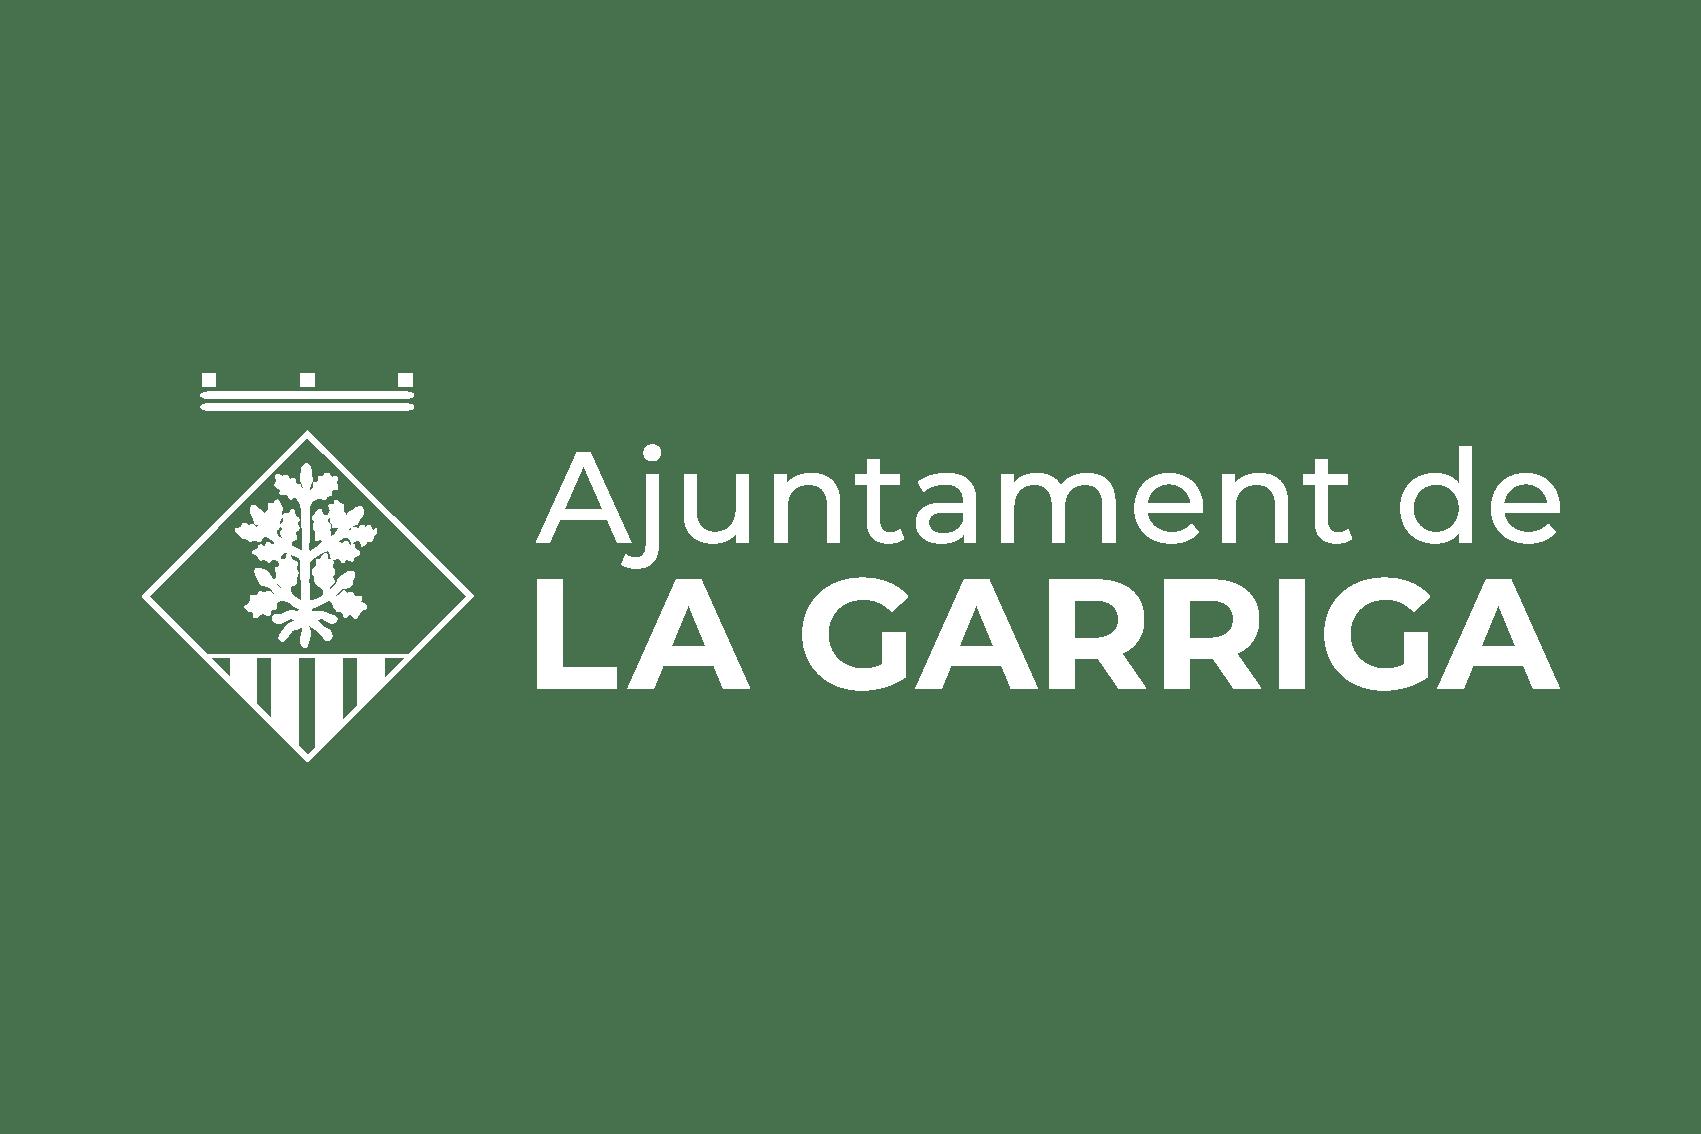 Ajuntament de la Garriga